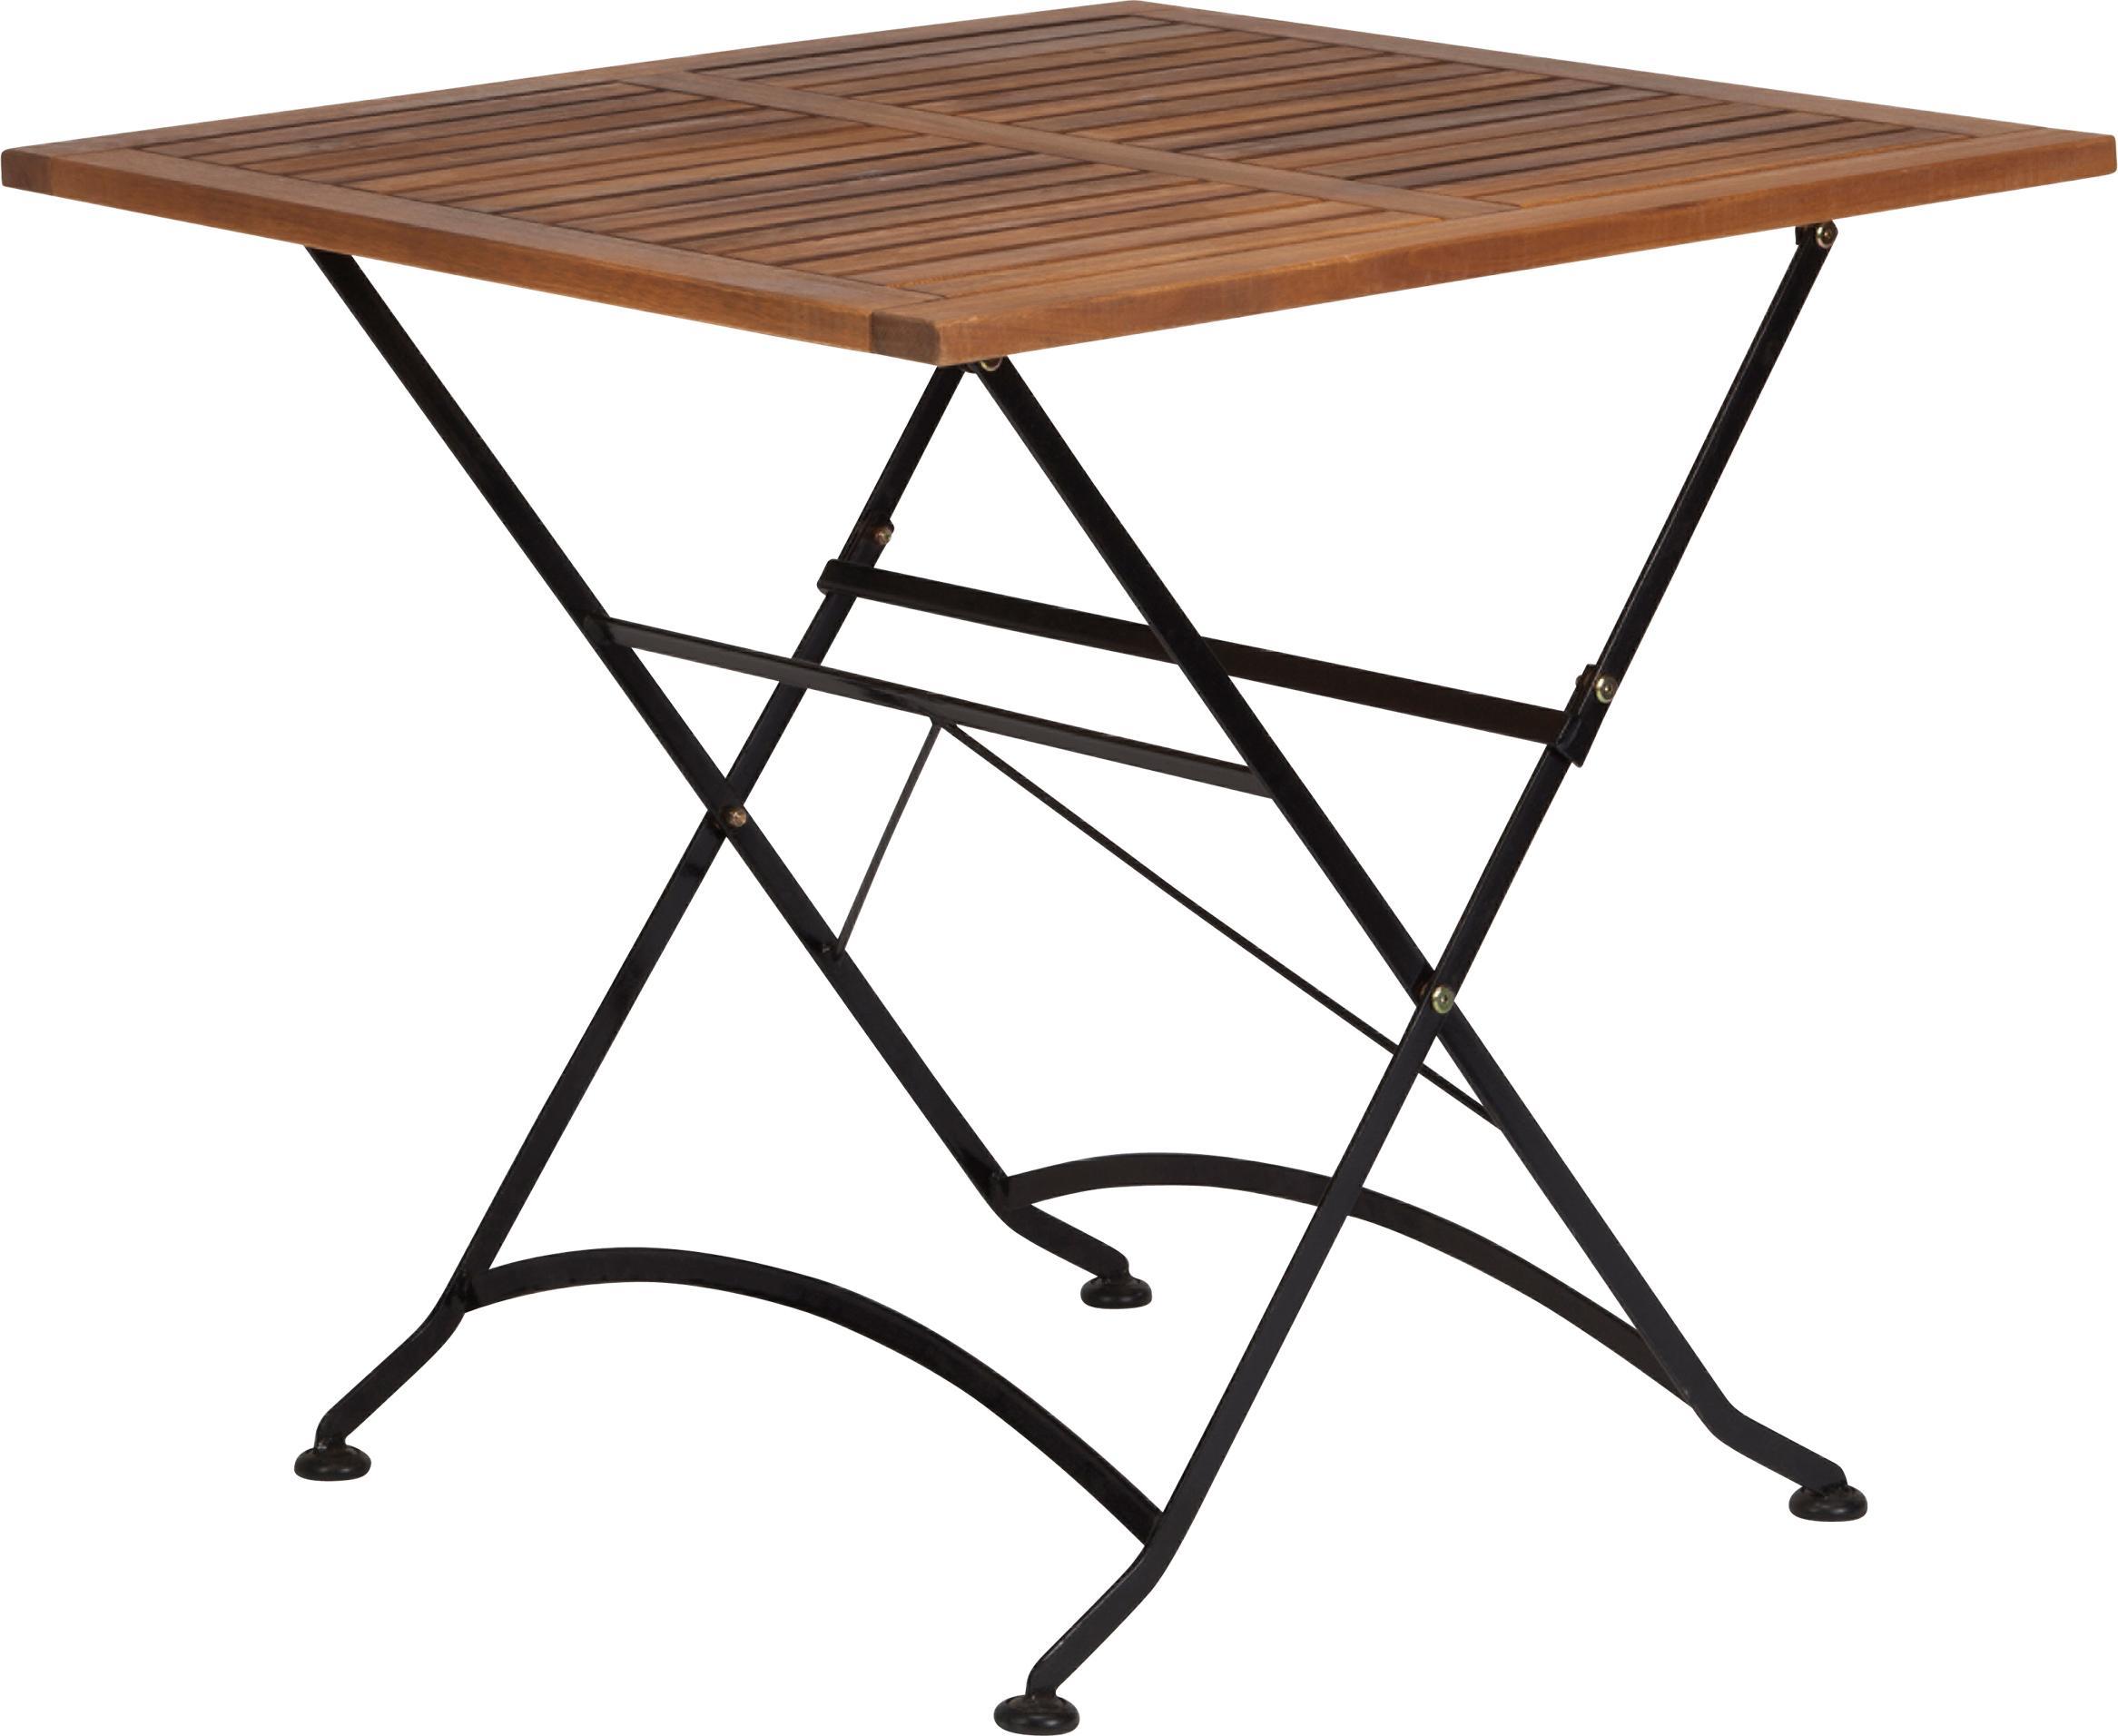 Klappbarer Gartentisch Parklife mit Holzplatte, Tischplatte: Akazienholz, geölt,, Gestell: Metall, verzinkt, pulverb, Schwarz, Akazienholz, 80 x 75 cm